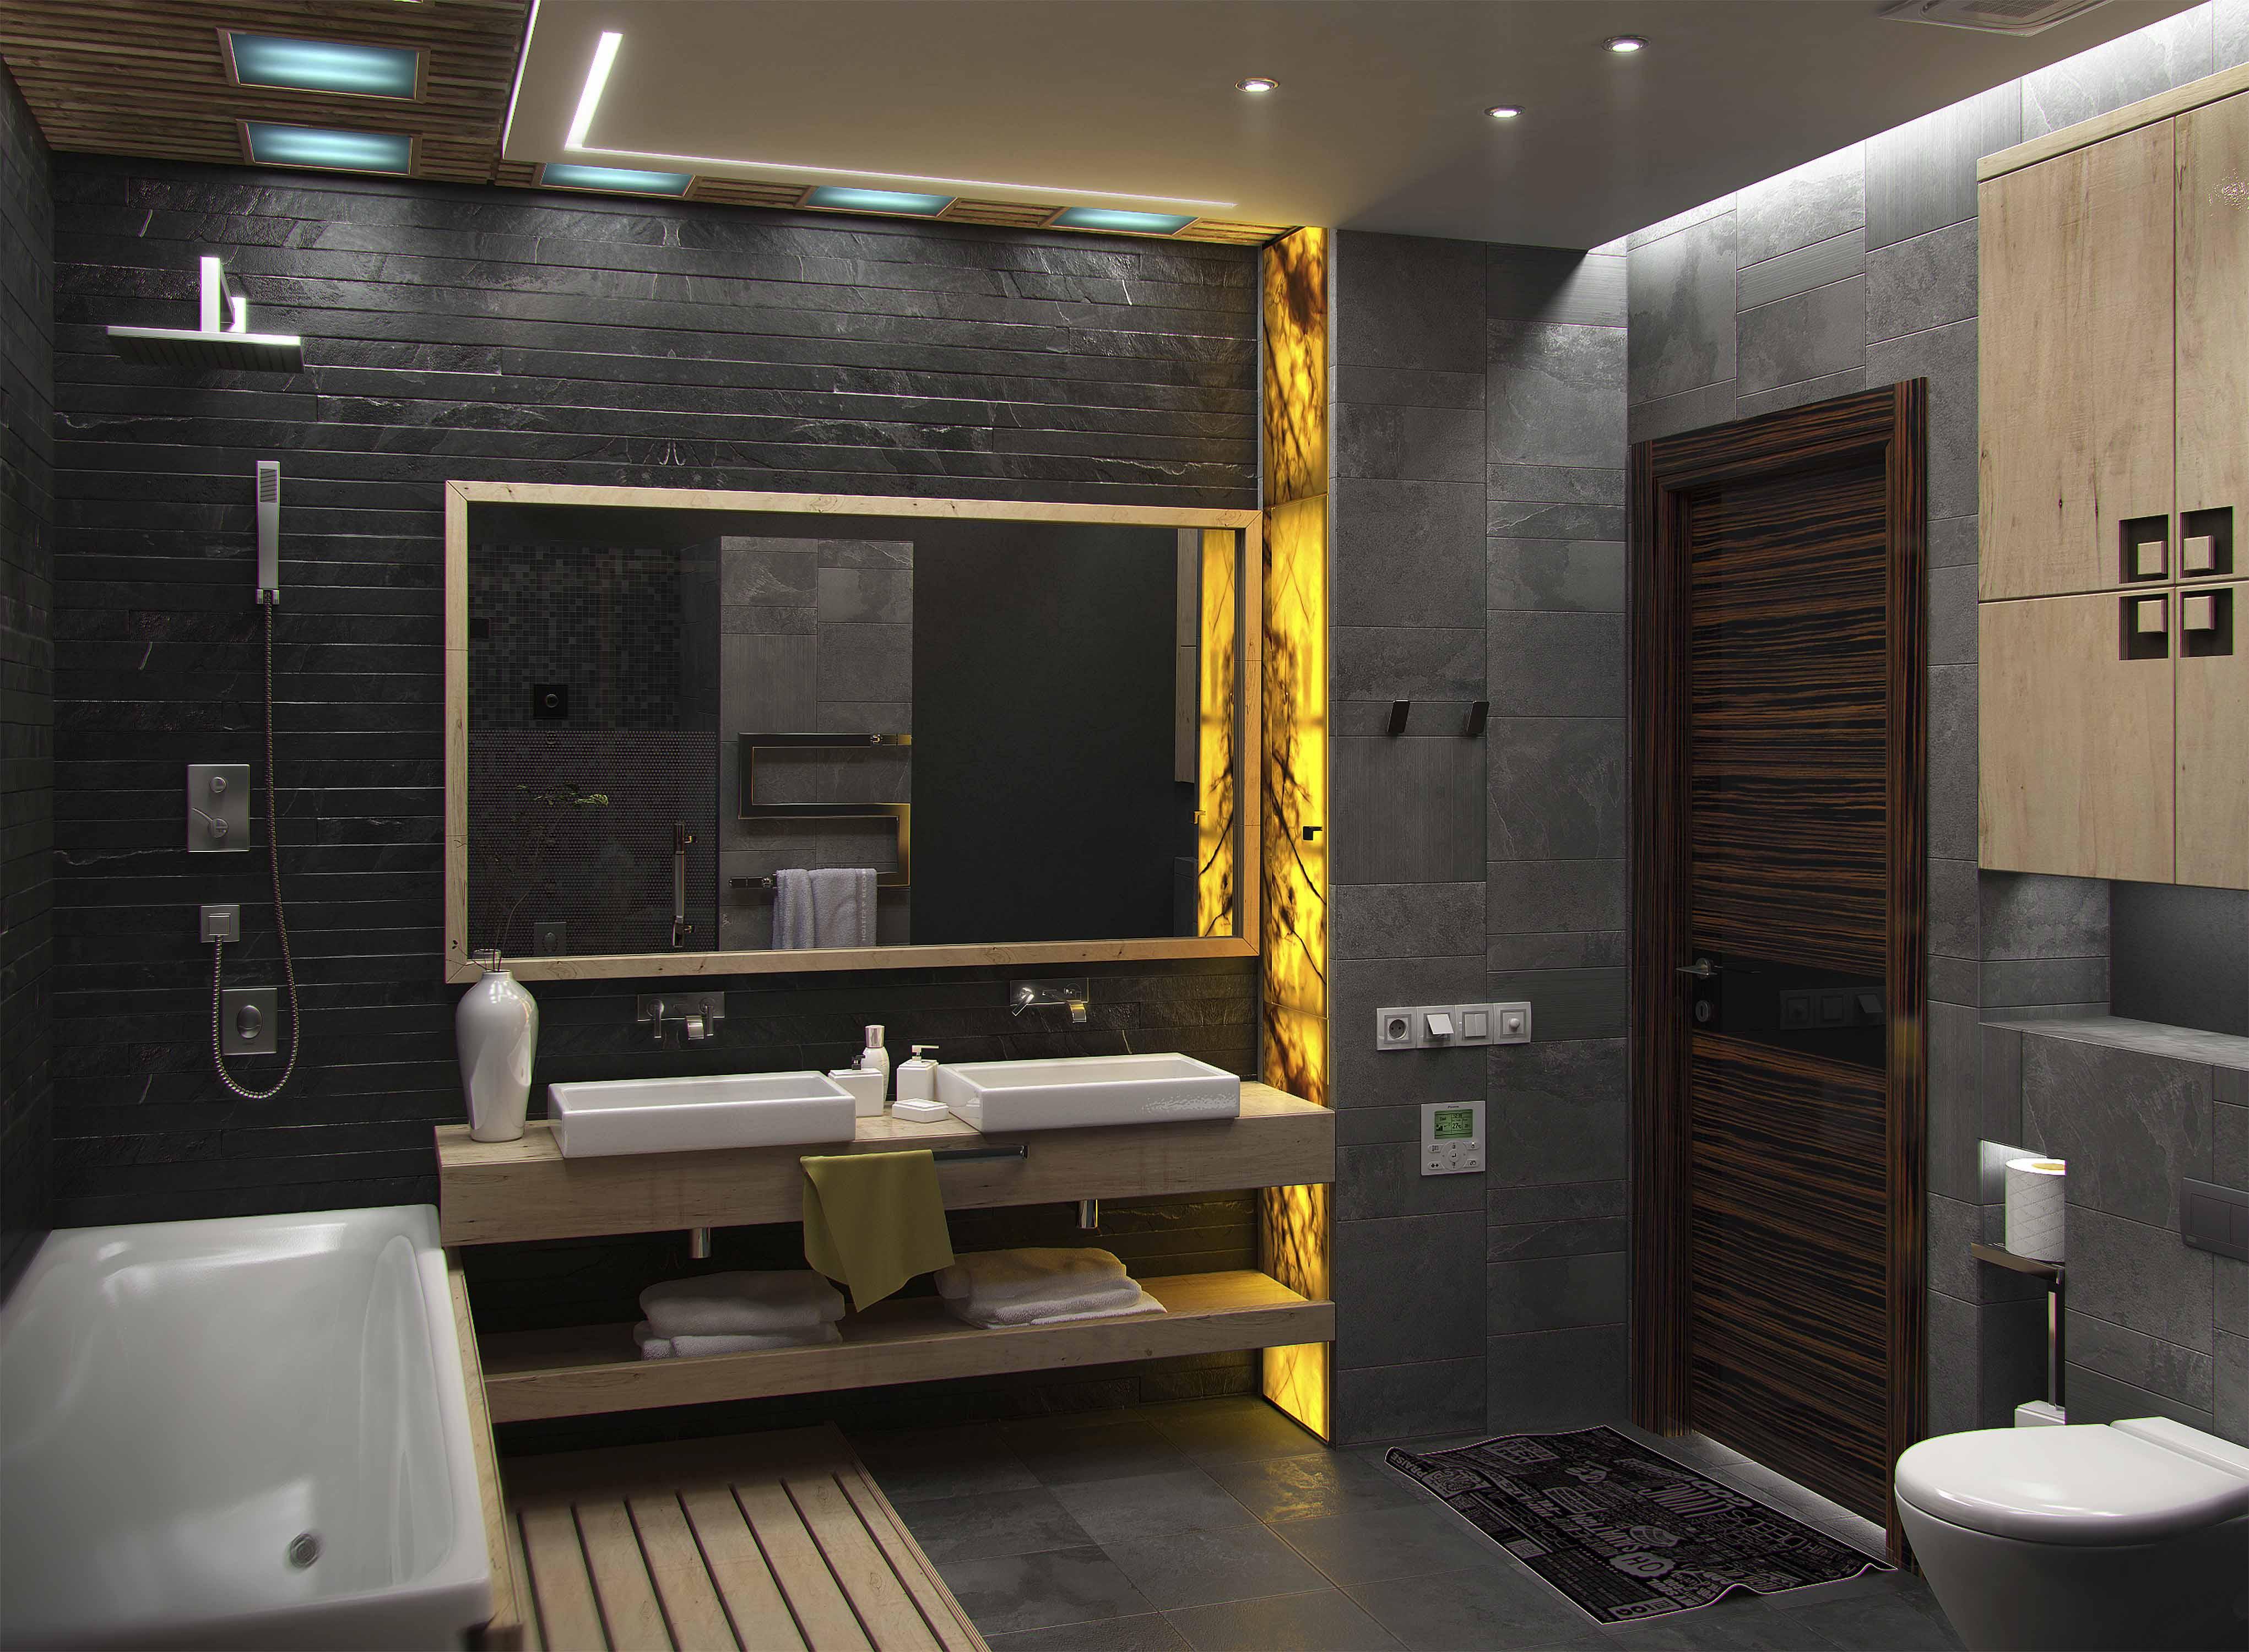 Желтая подсветка в ванной комнате